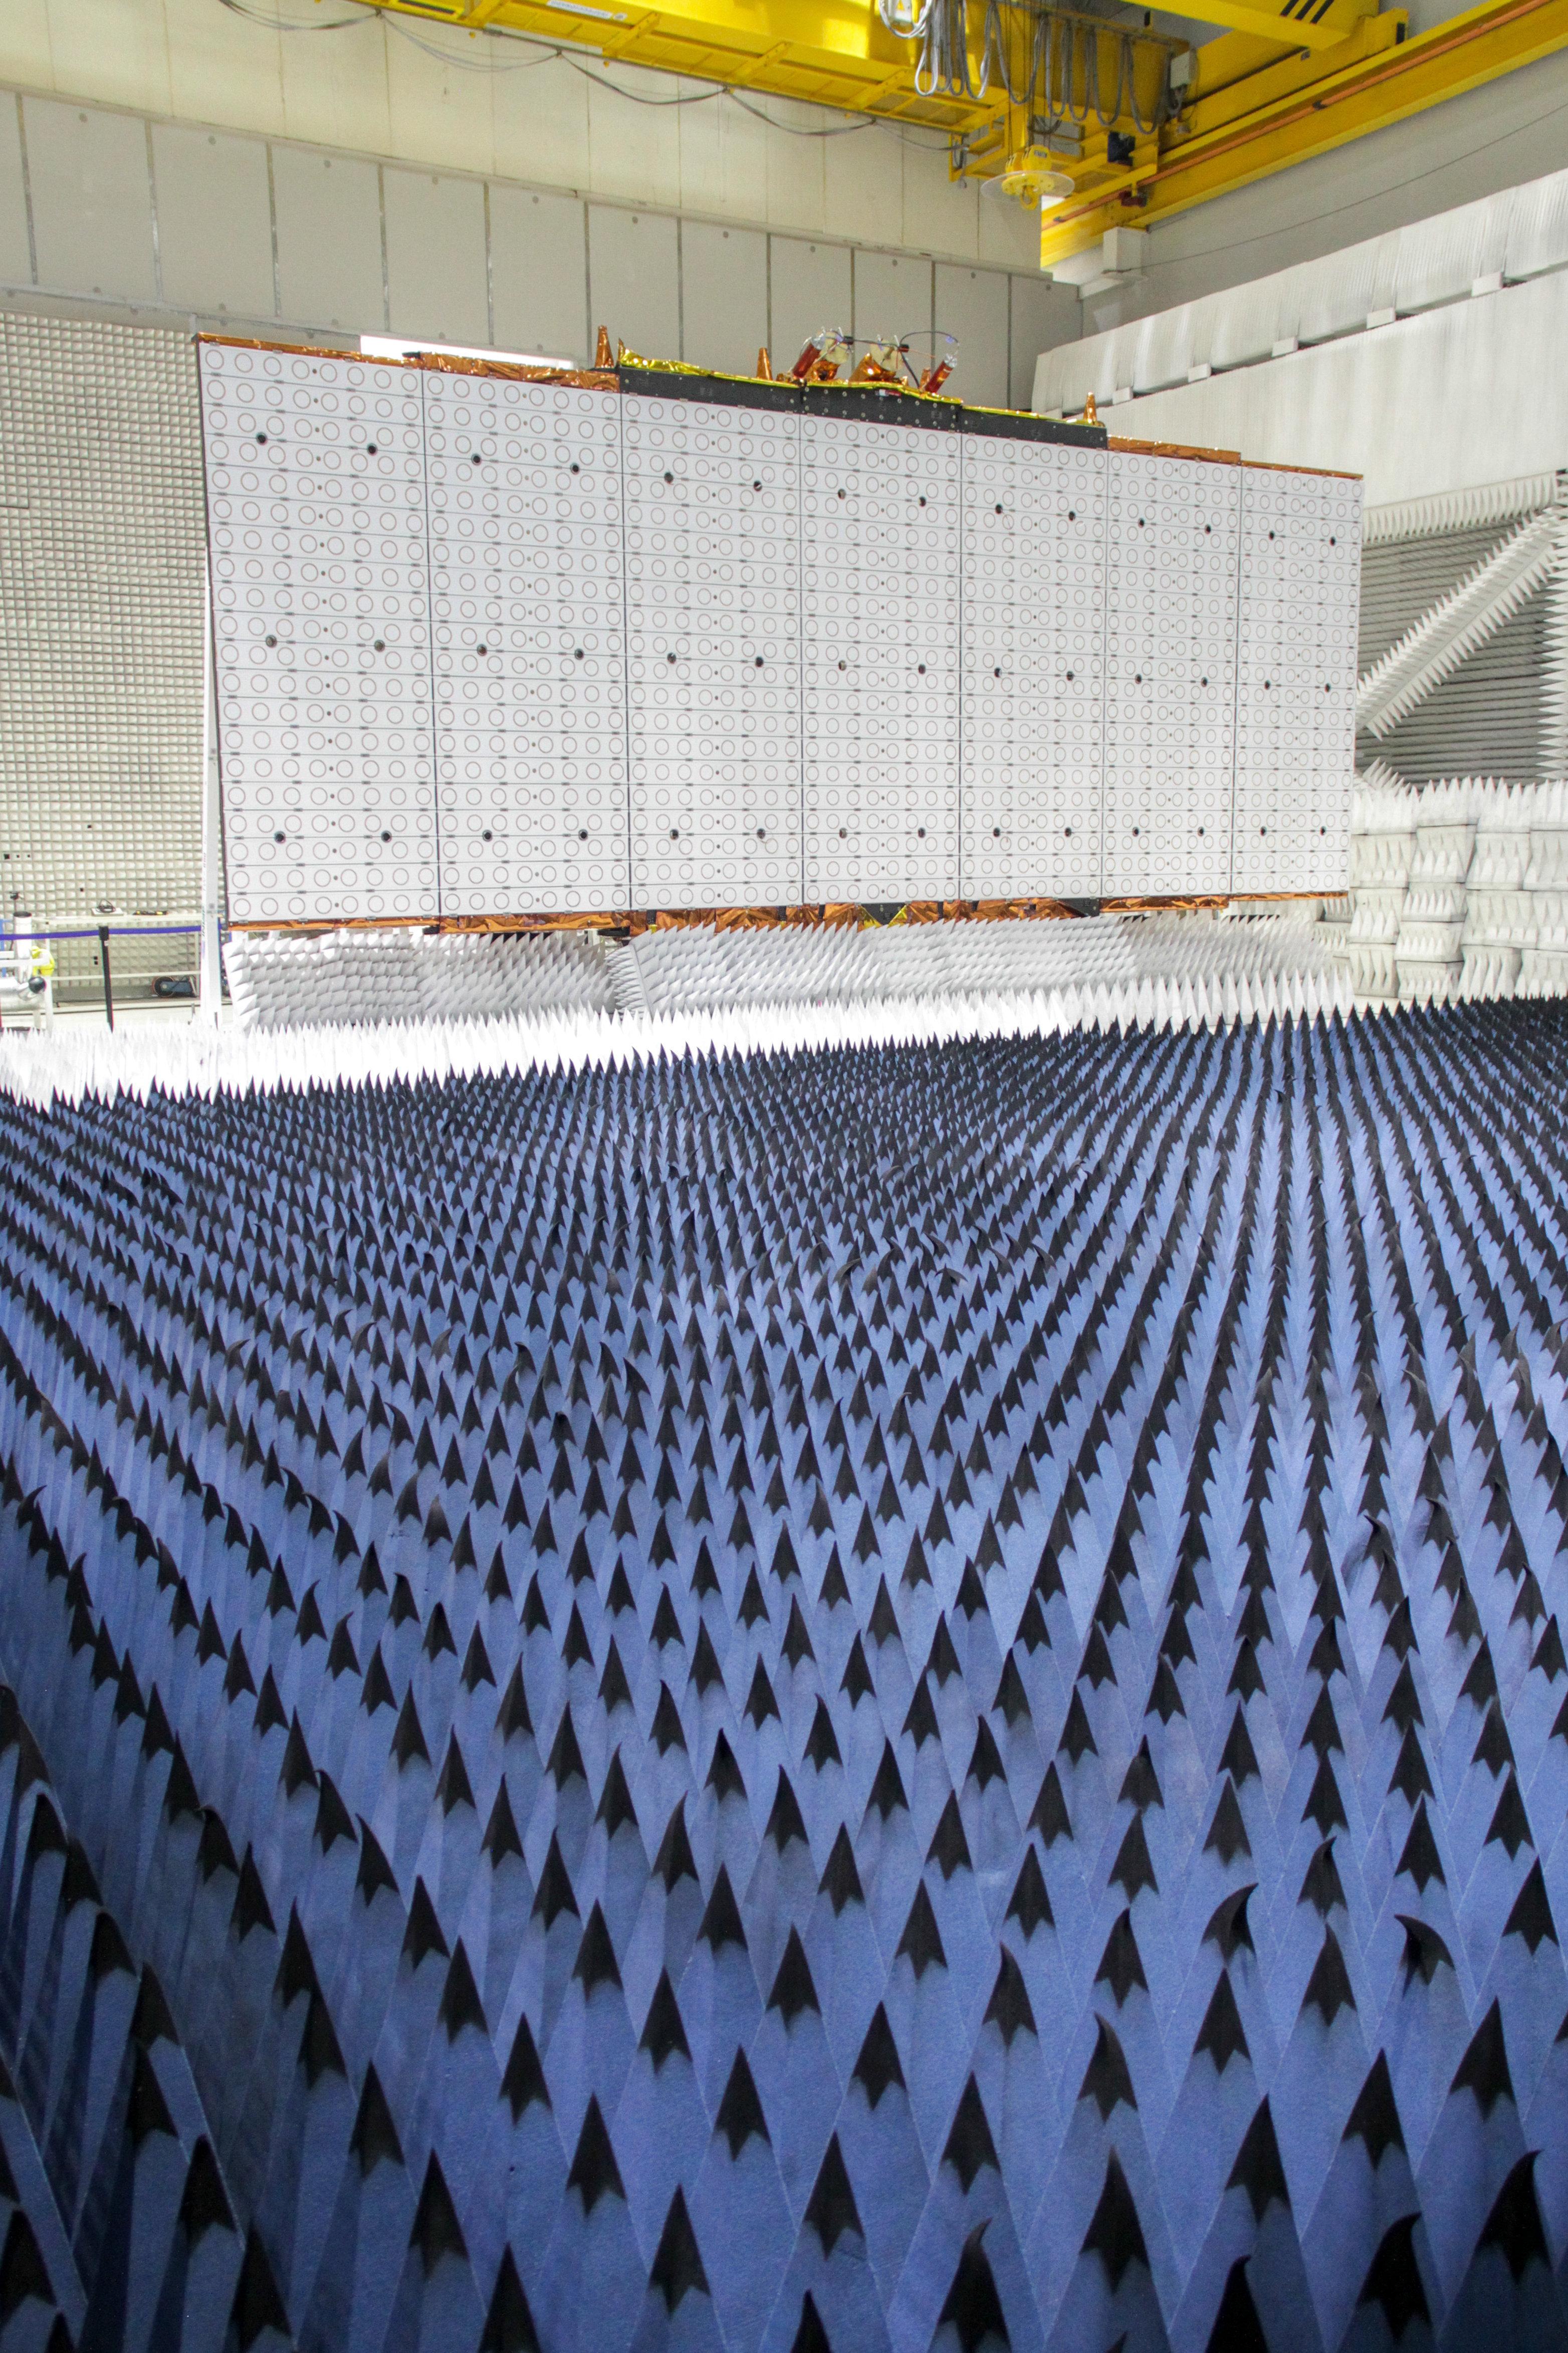 Instalaciones de INVAP, la empresa estatal argentina encargada de la construcción de sus nuevos satélites